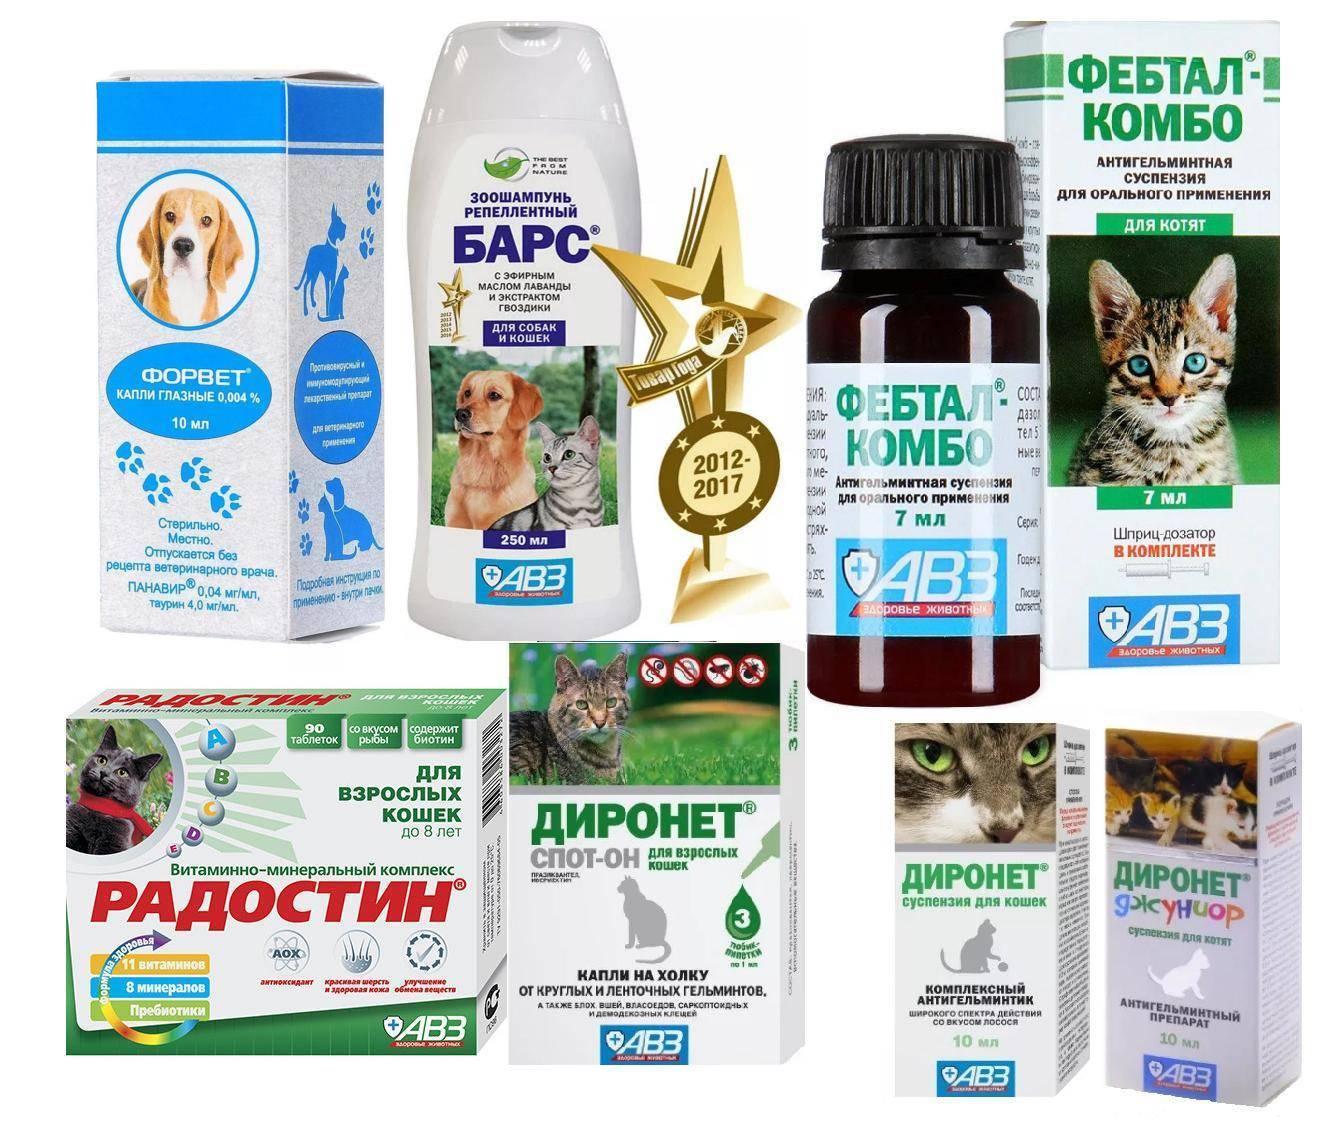 Фоспренил для собак: инструкция и показания к применению, отзывы, цена